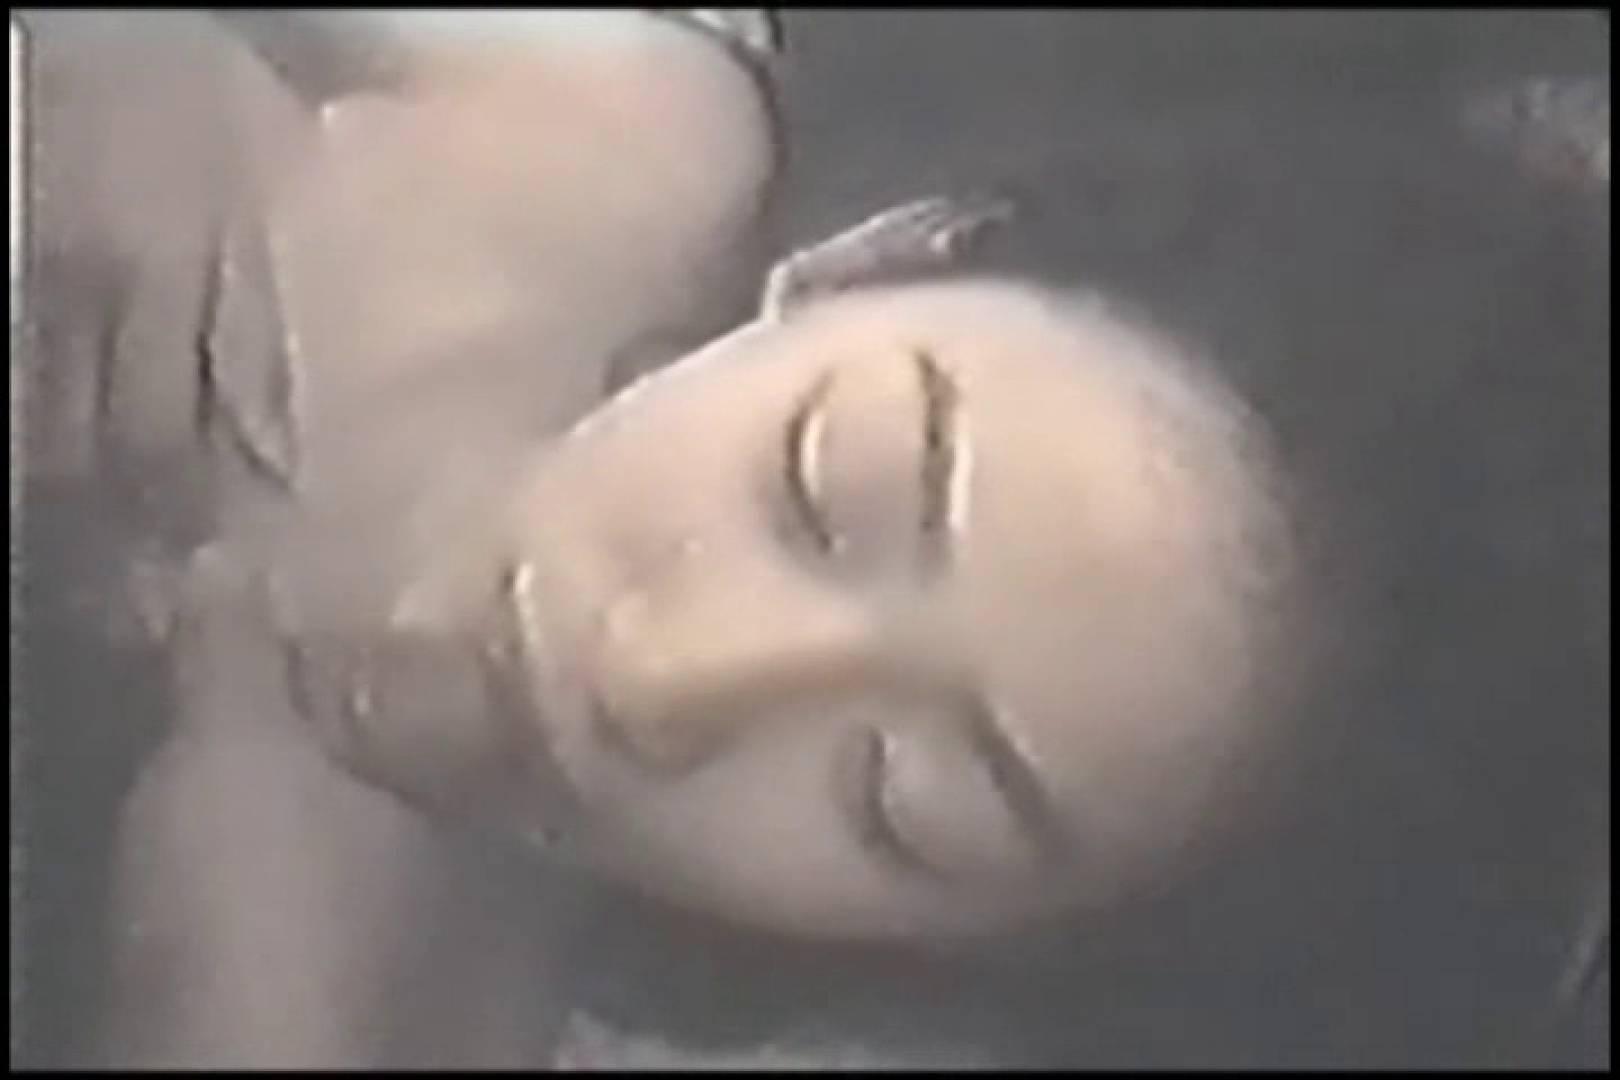 前後不覚に酔っている女を撮影する鬼畜親父 ホテル | 鬼畜  83連発 28